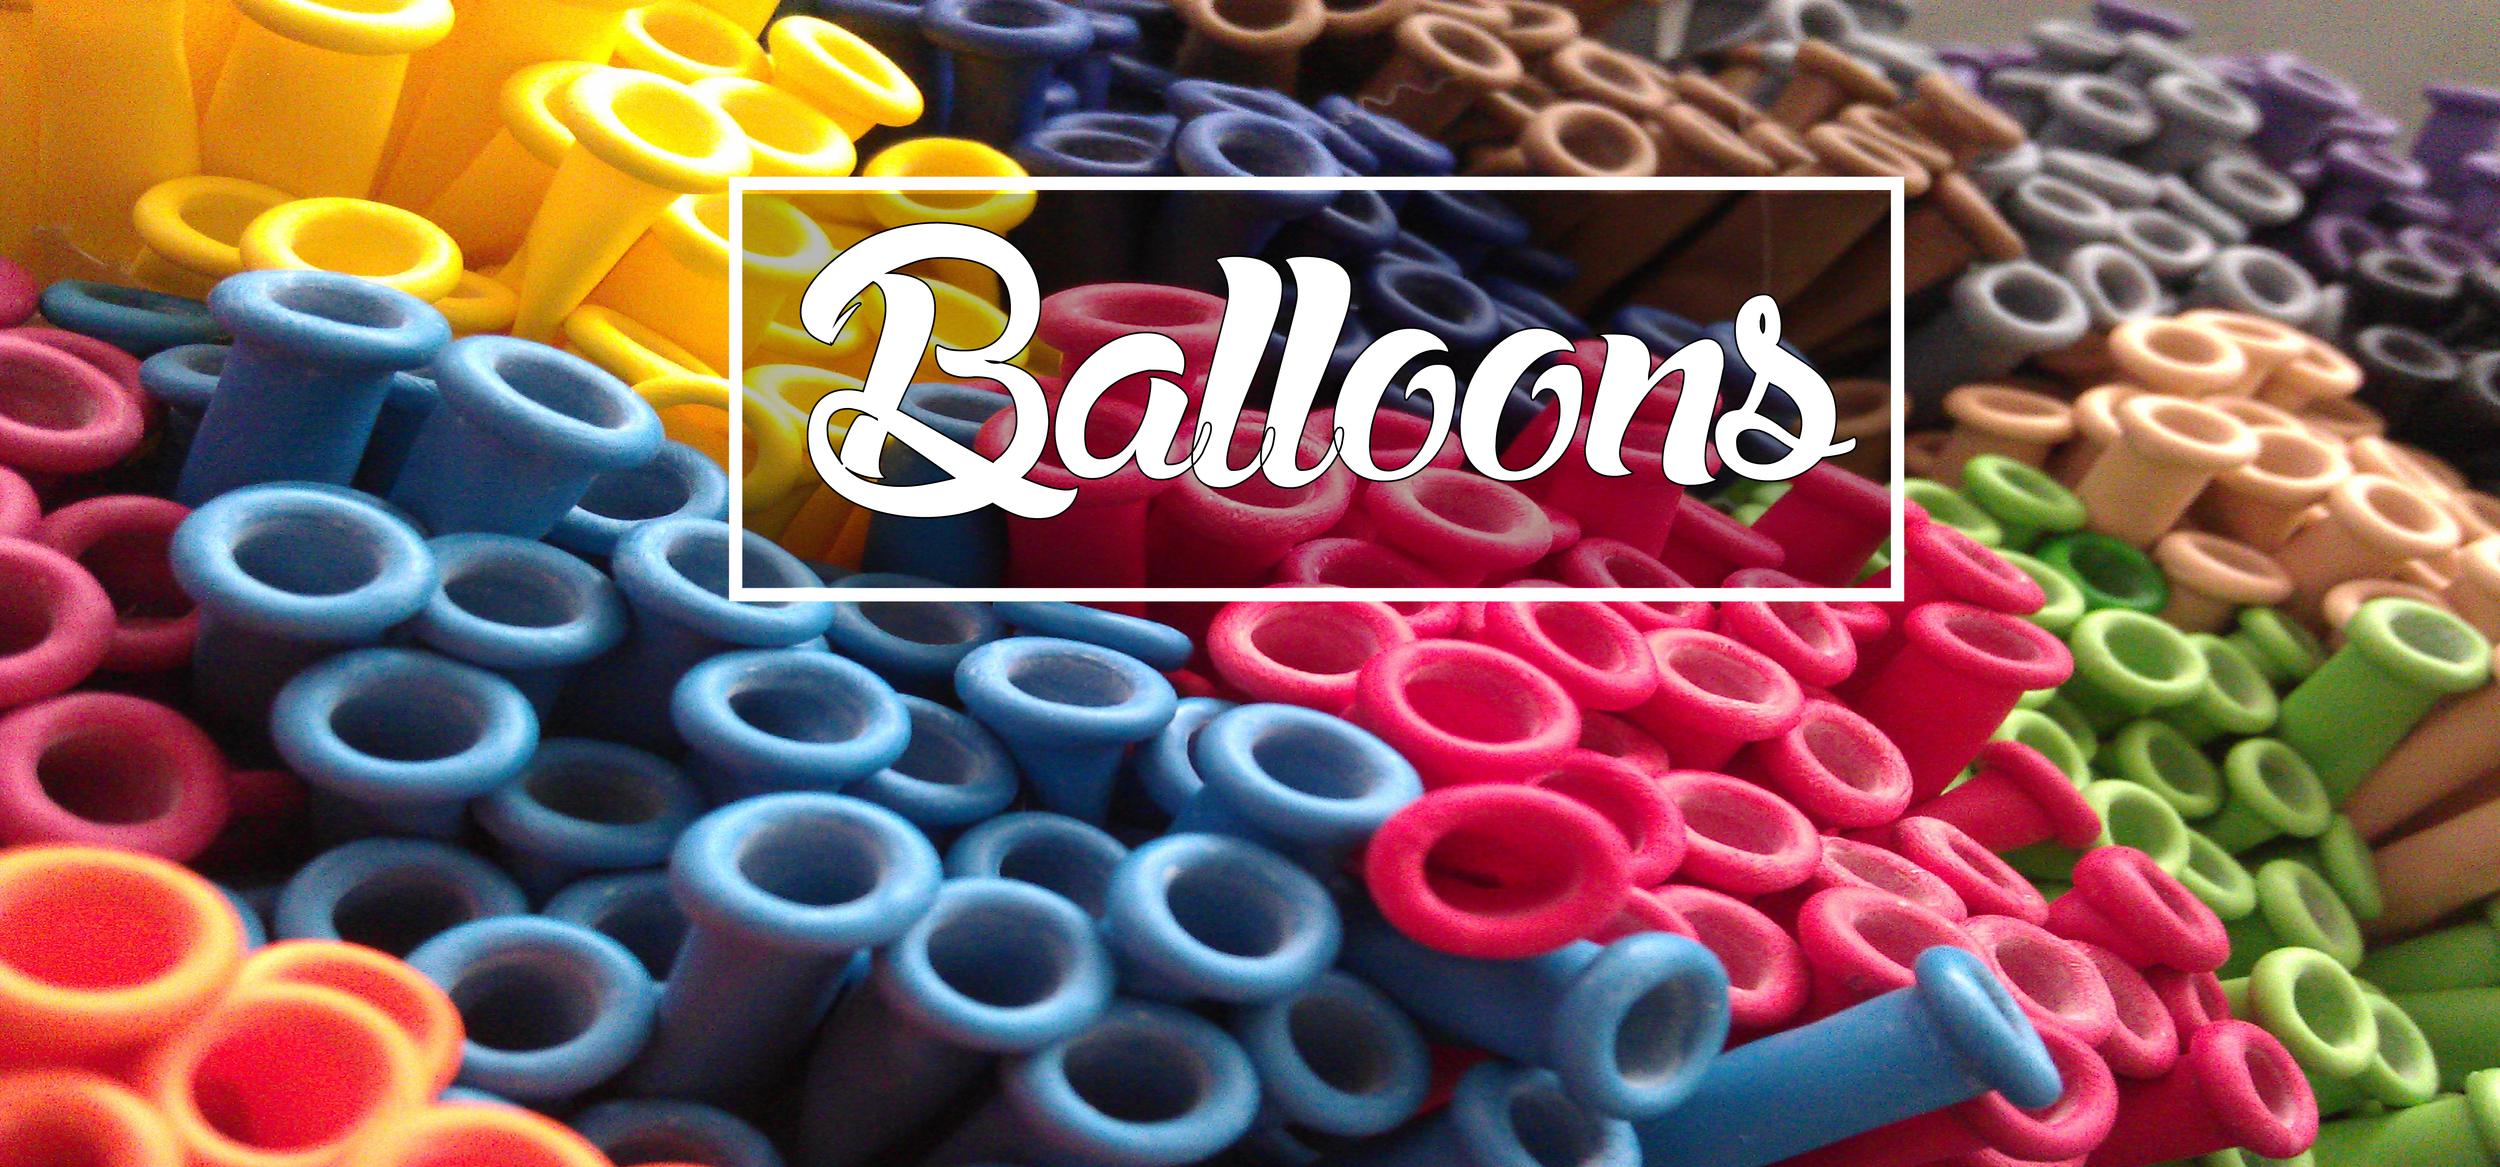 balloon kit-01-01-01.jpg